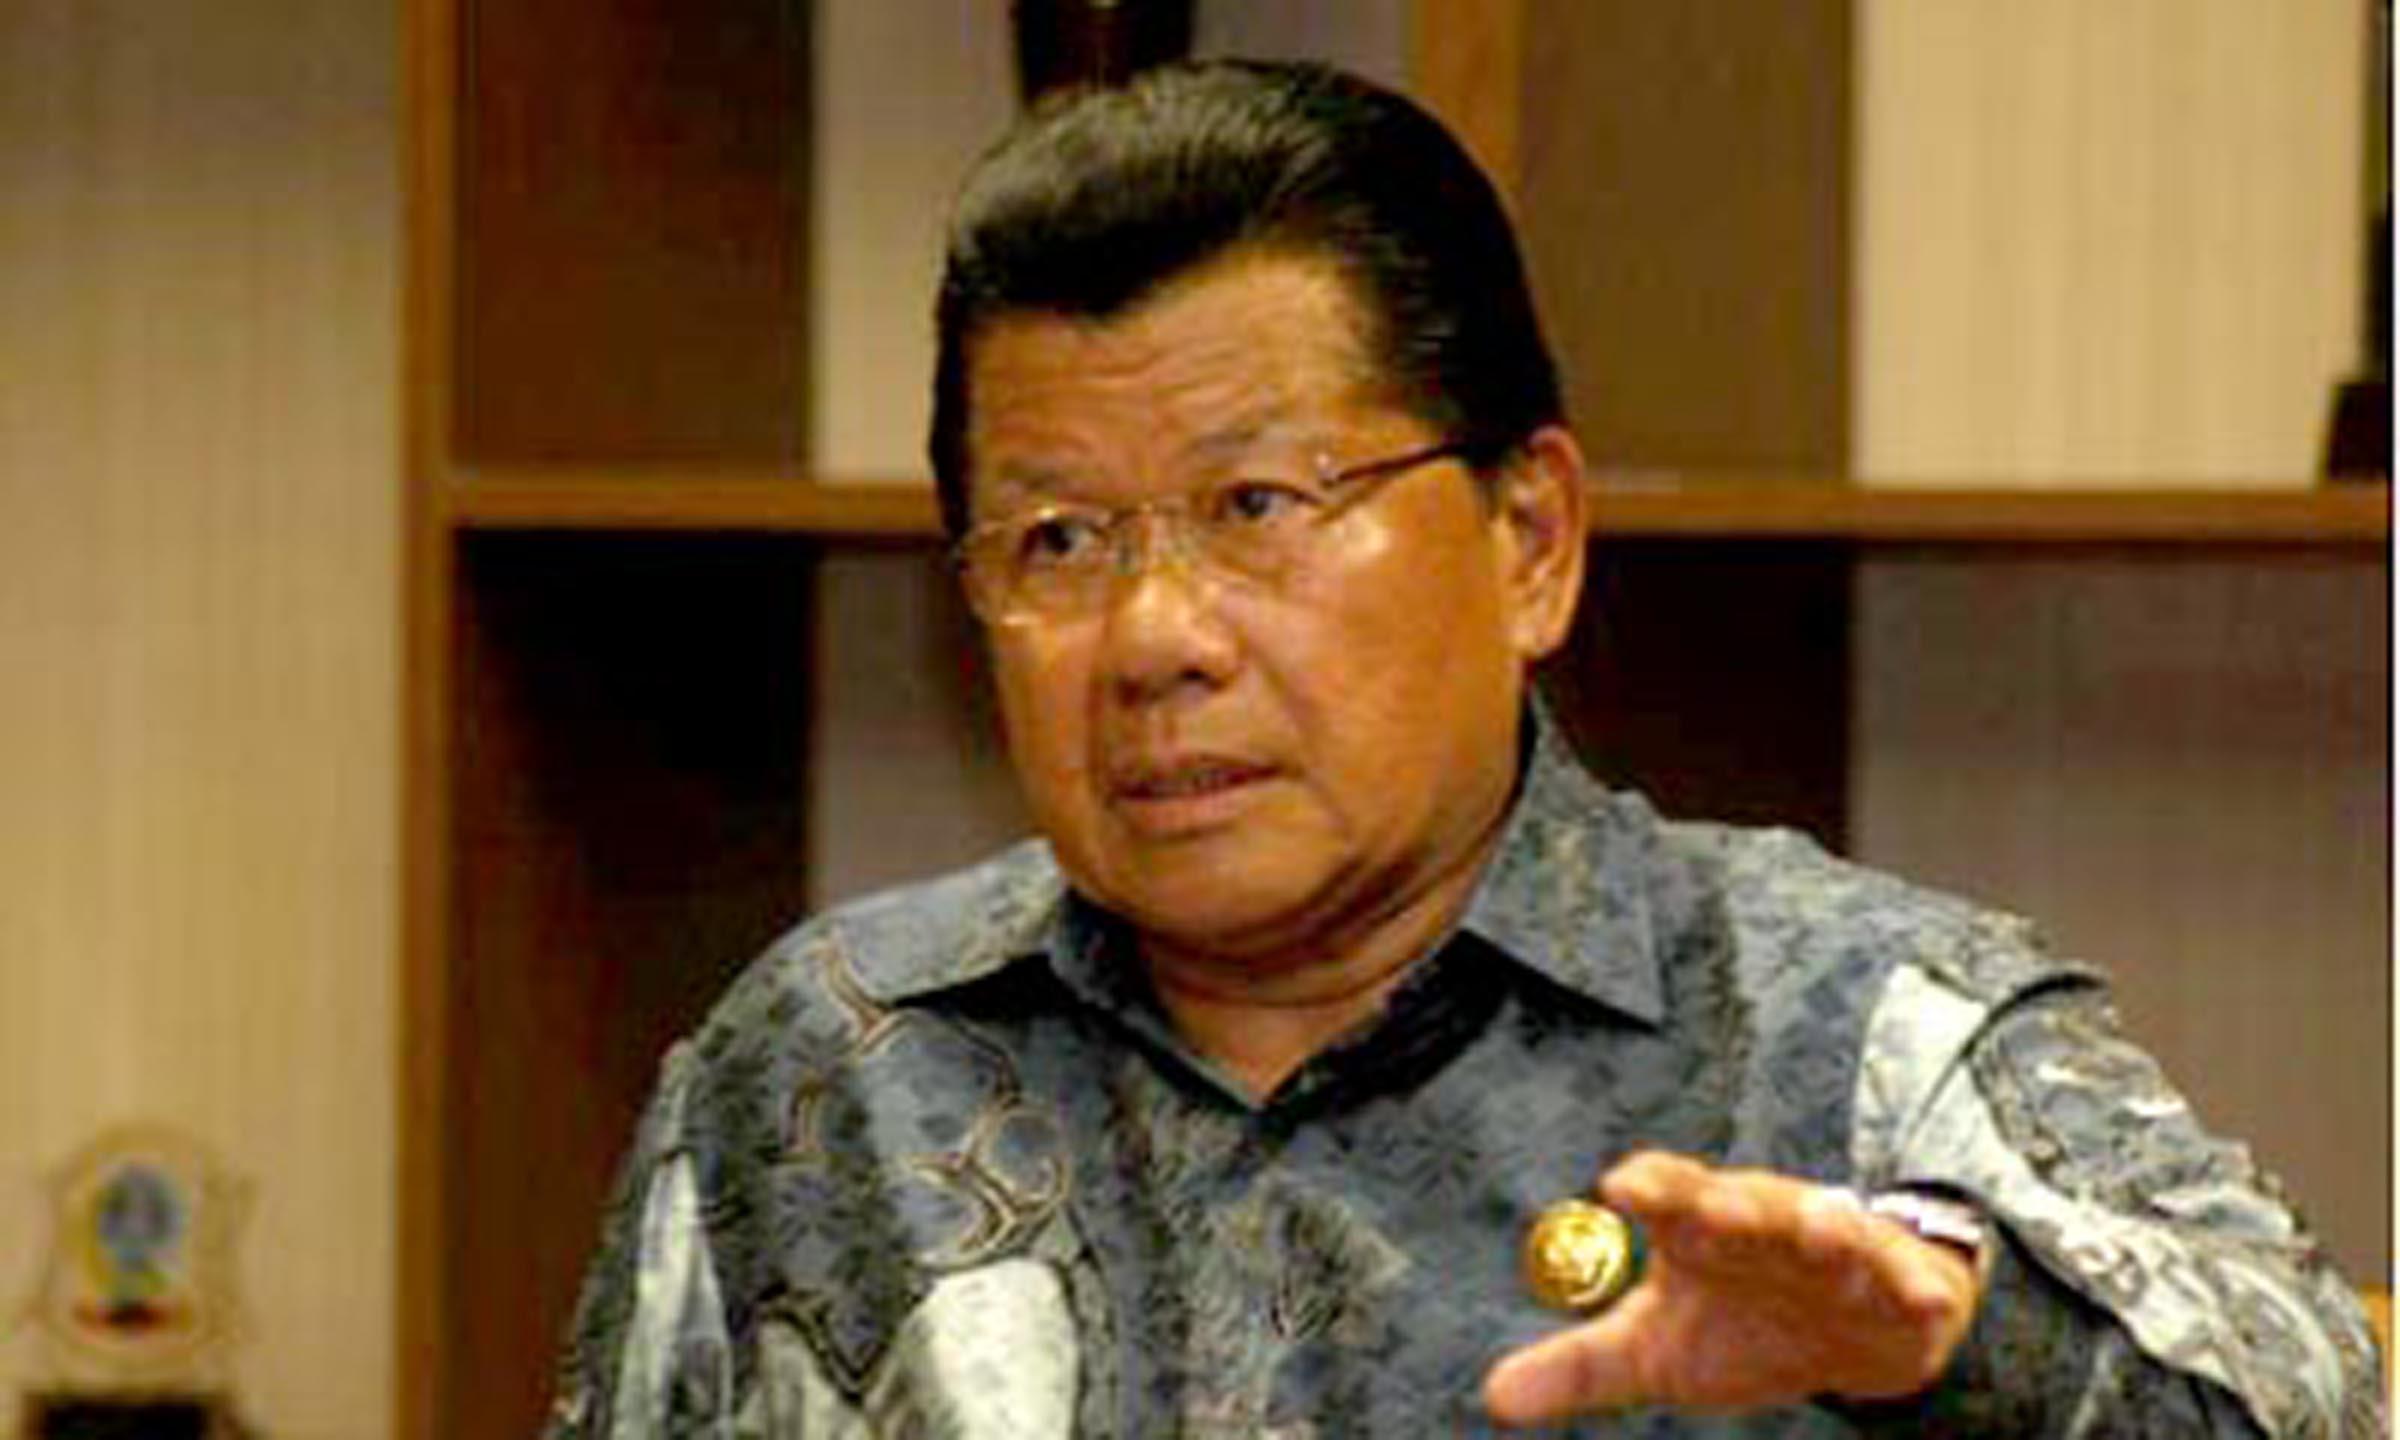 Kader Golkar Hengkang, Mantan Ketua DPD Golkar Kecewa